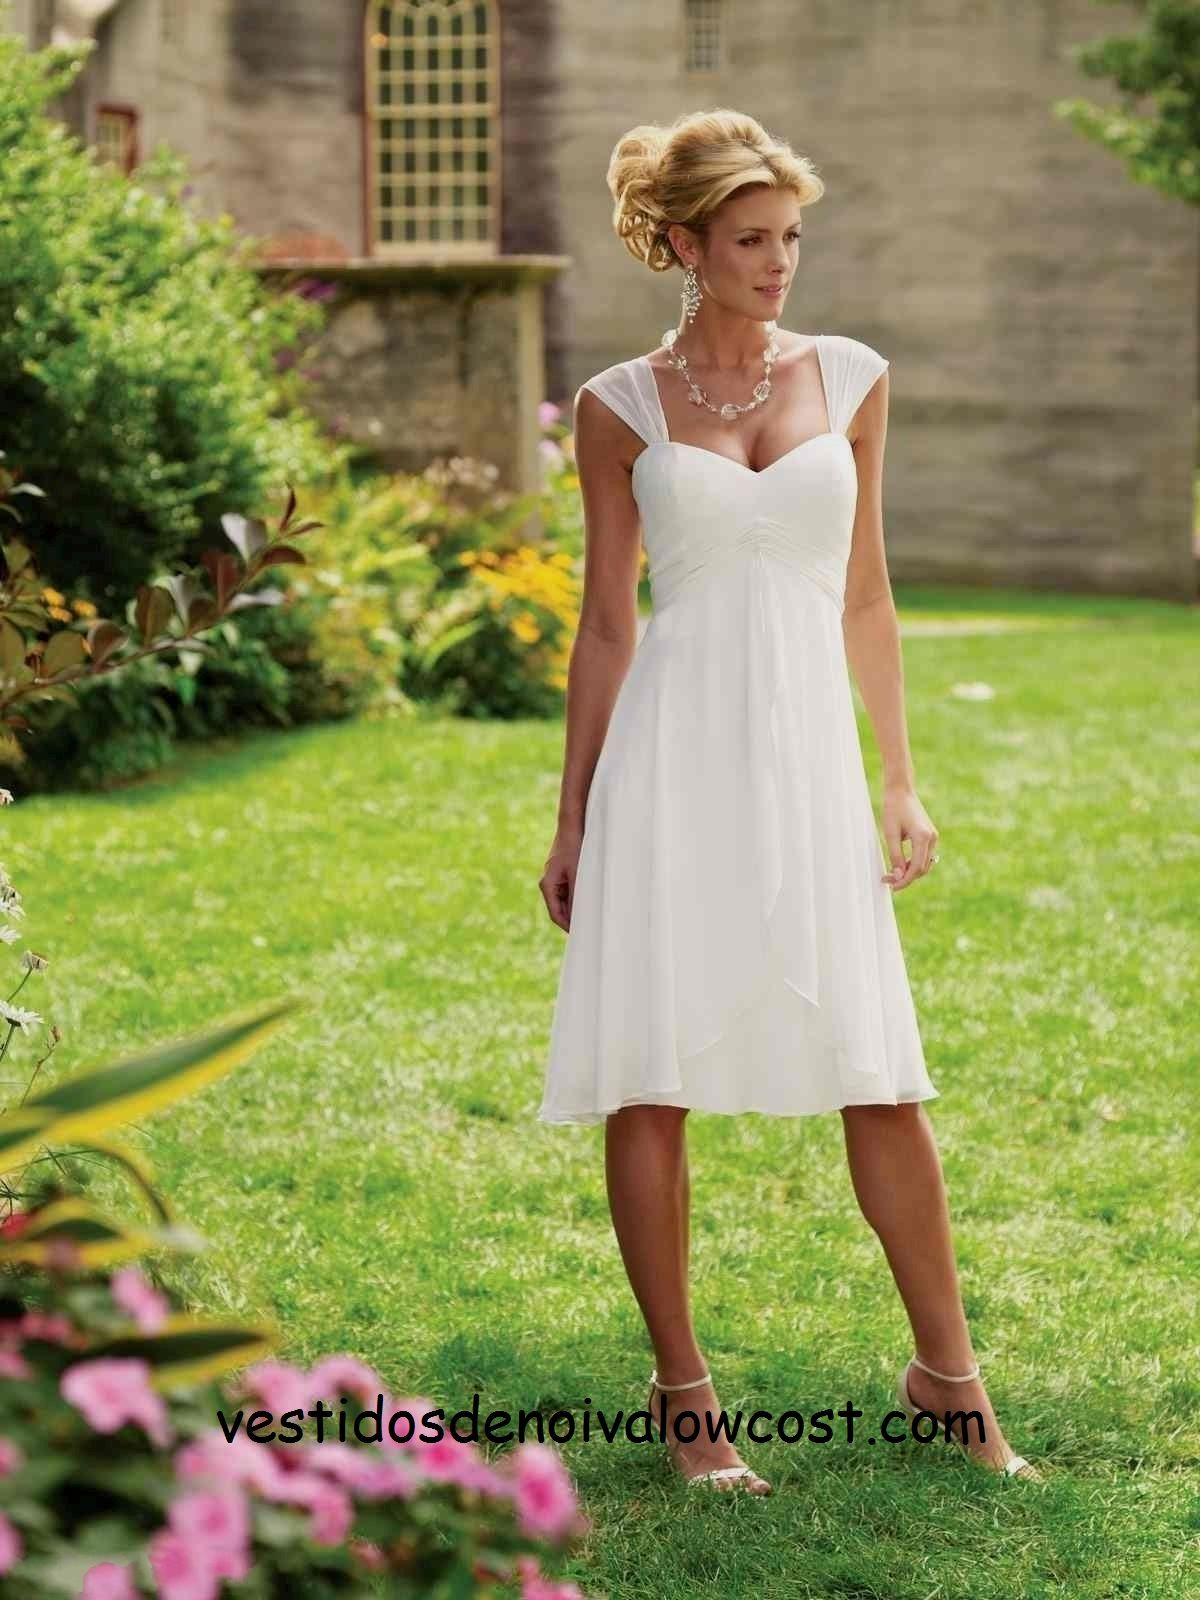 #vestidosdenoiva #noiva #casamento #vestidos